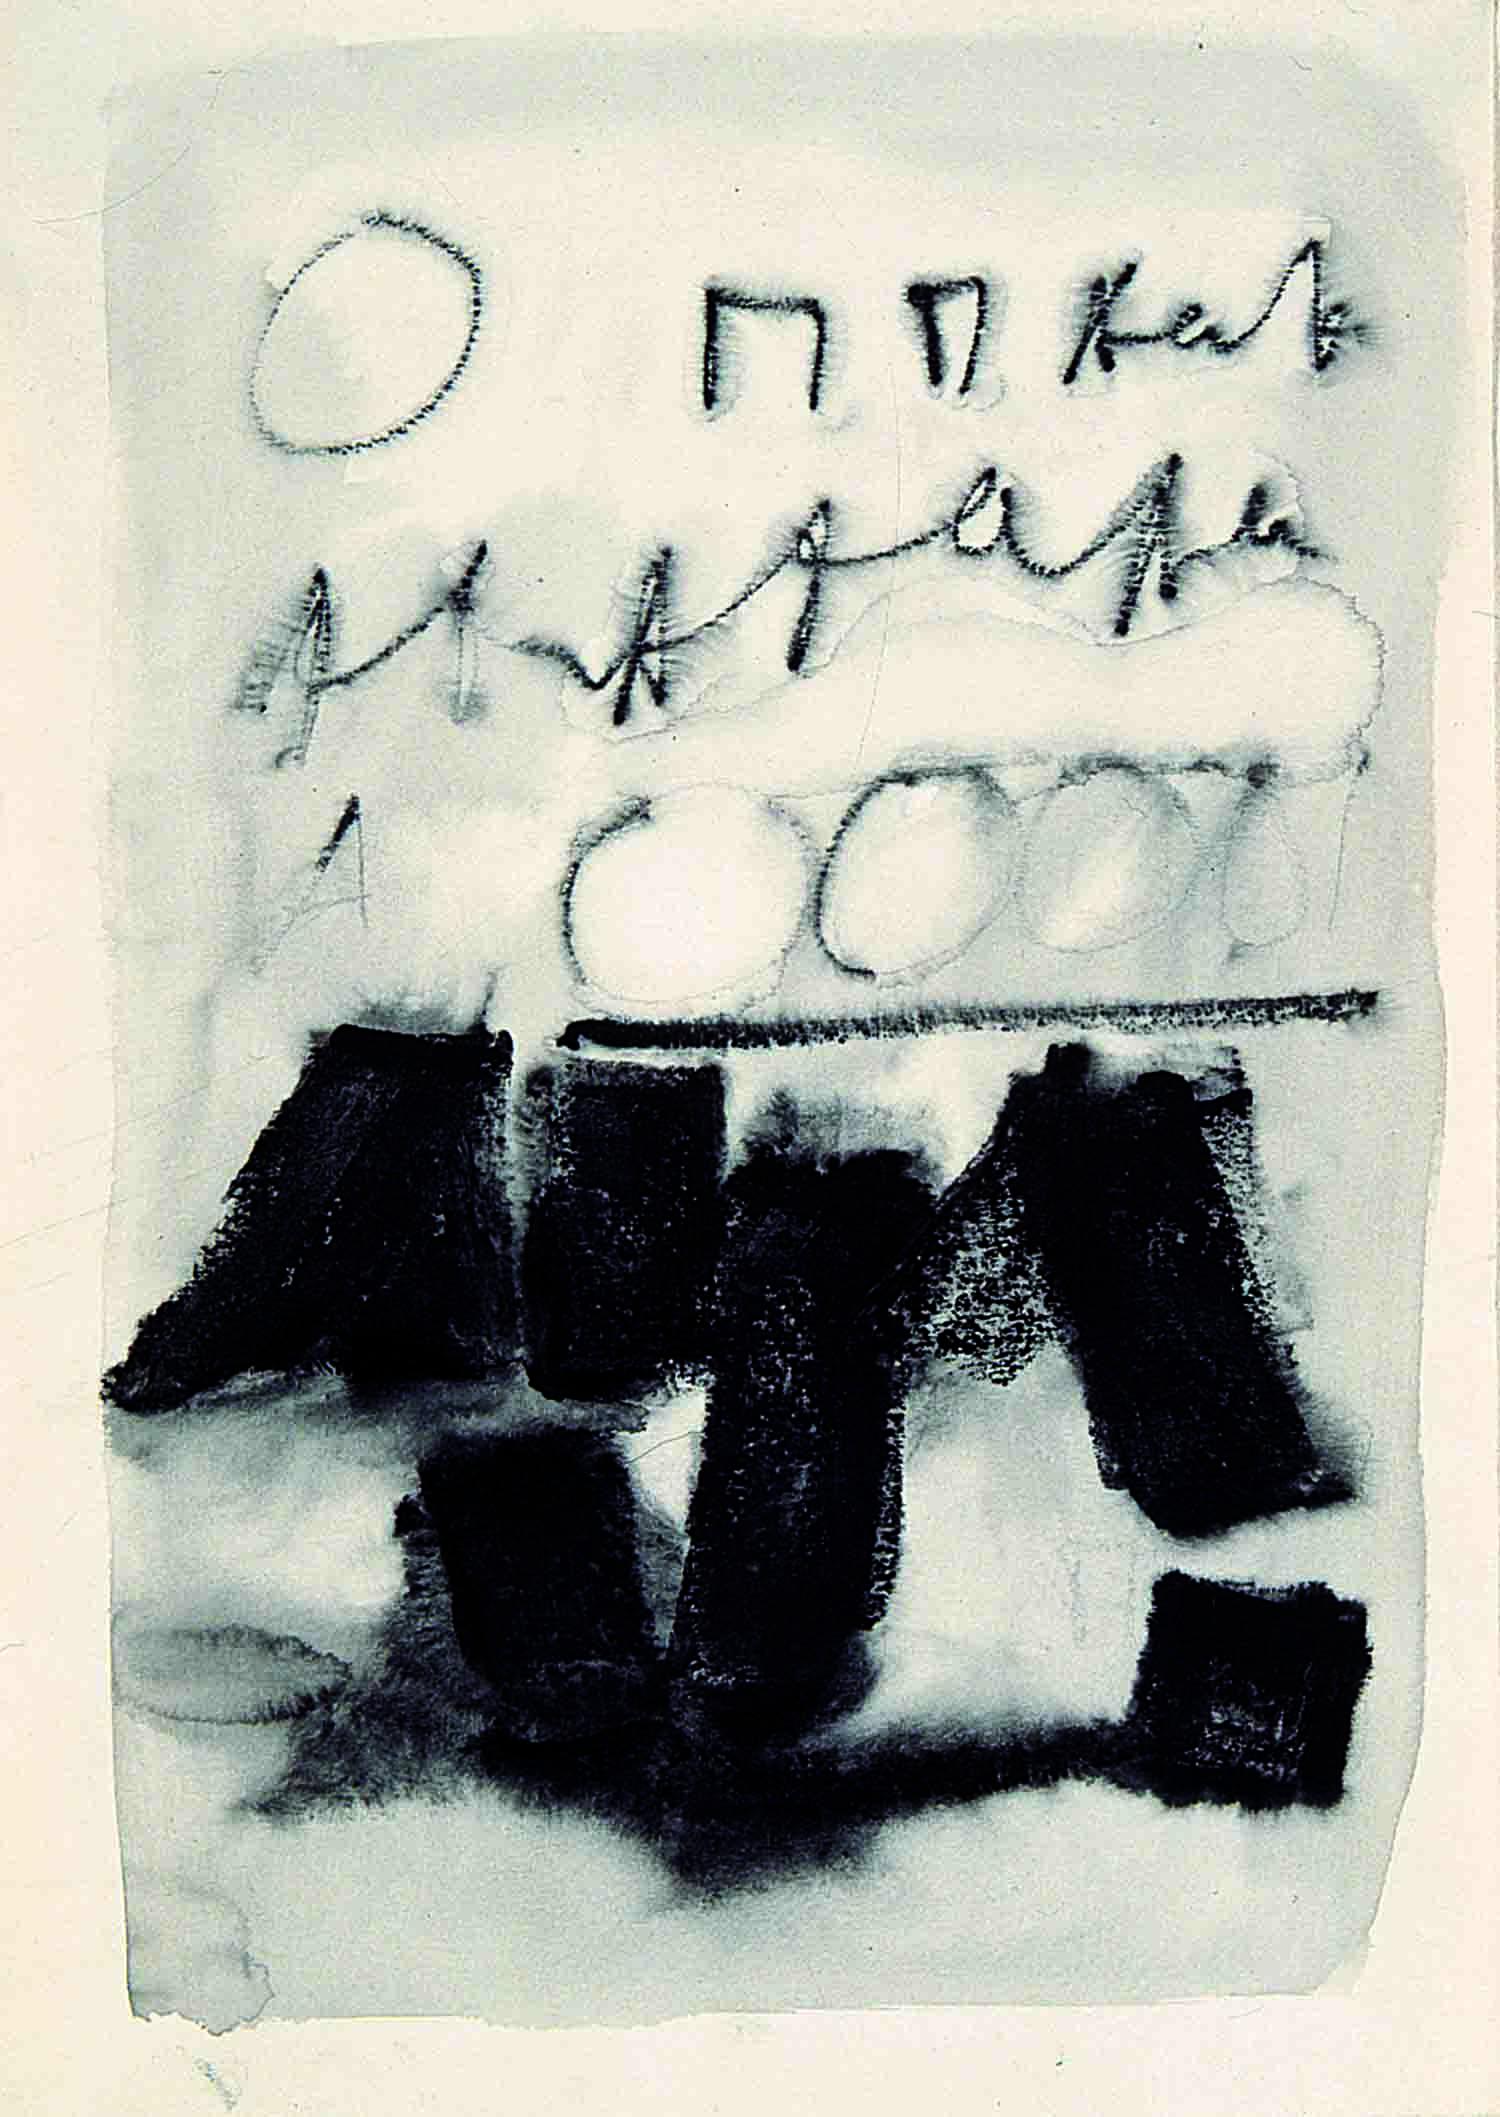 """Desenho """"Sem Título"""" da série: """"Aaaa"""", por Mira Schendel, 1960 / Imagem por Rômulo Fialdini Acervo MAM - SP."""